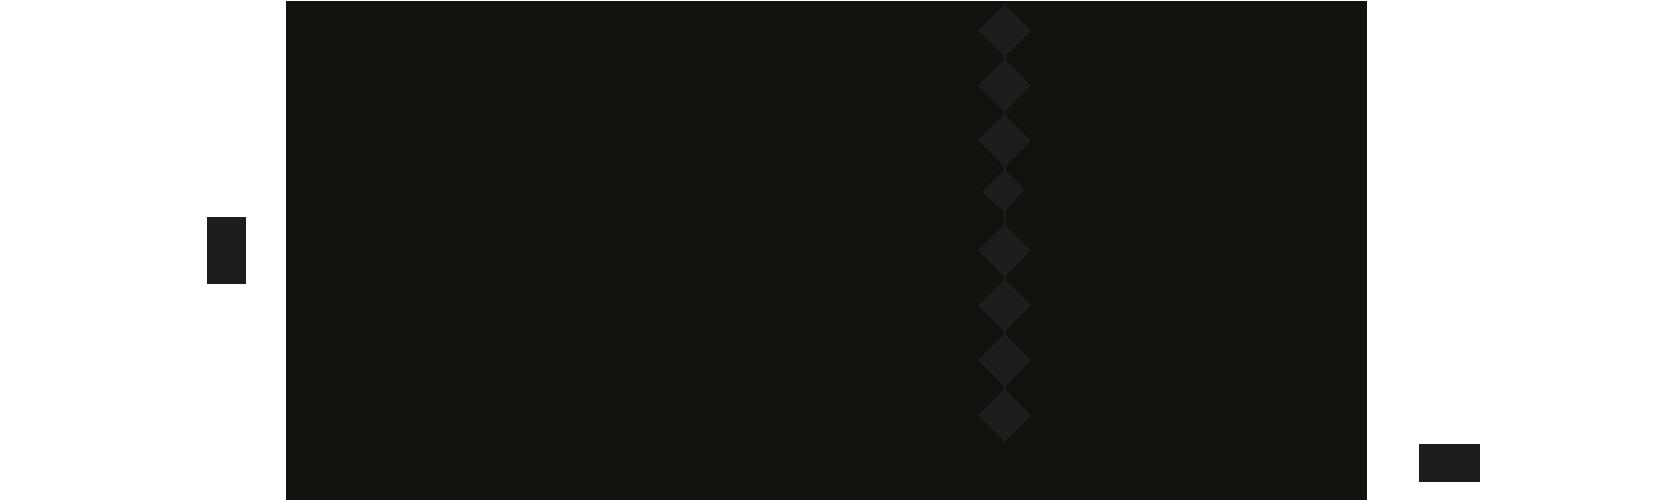 SM57-LCE 周波数応答曲線